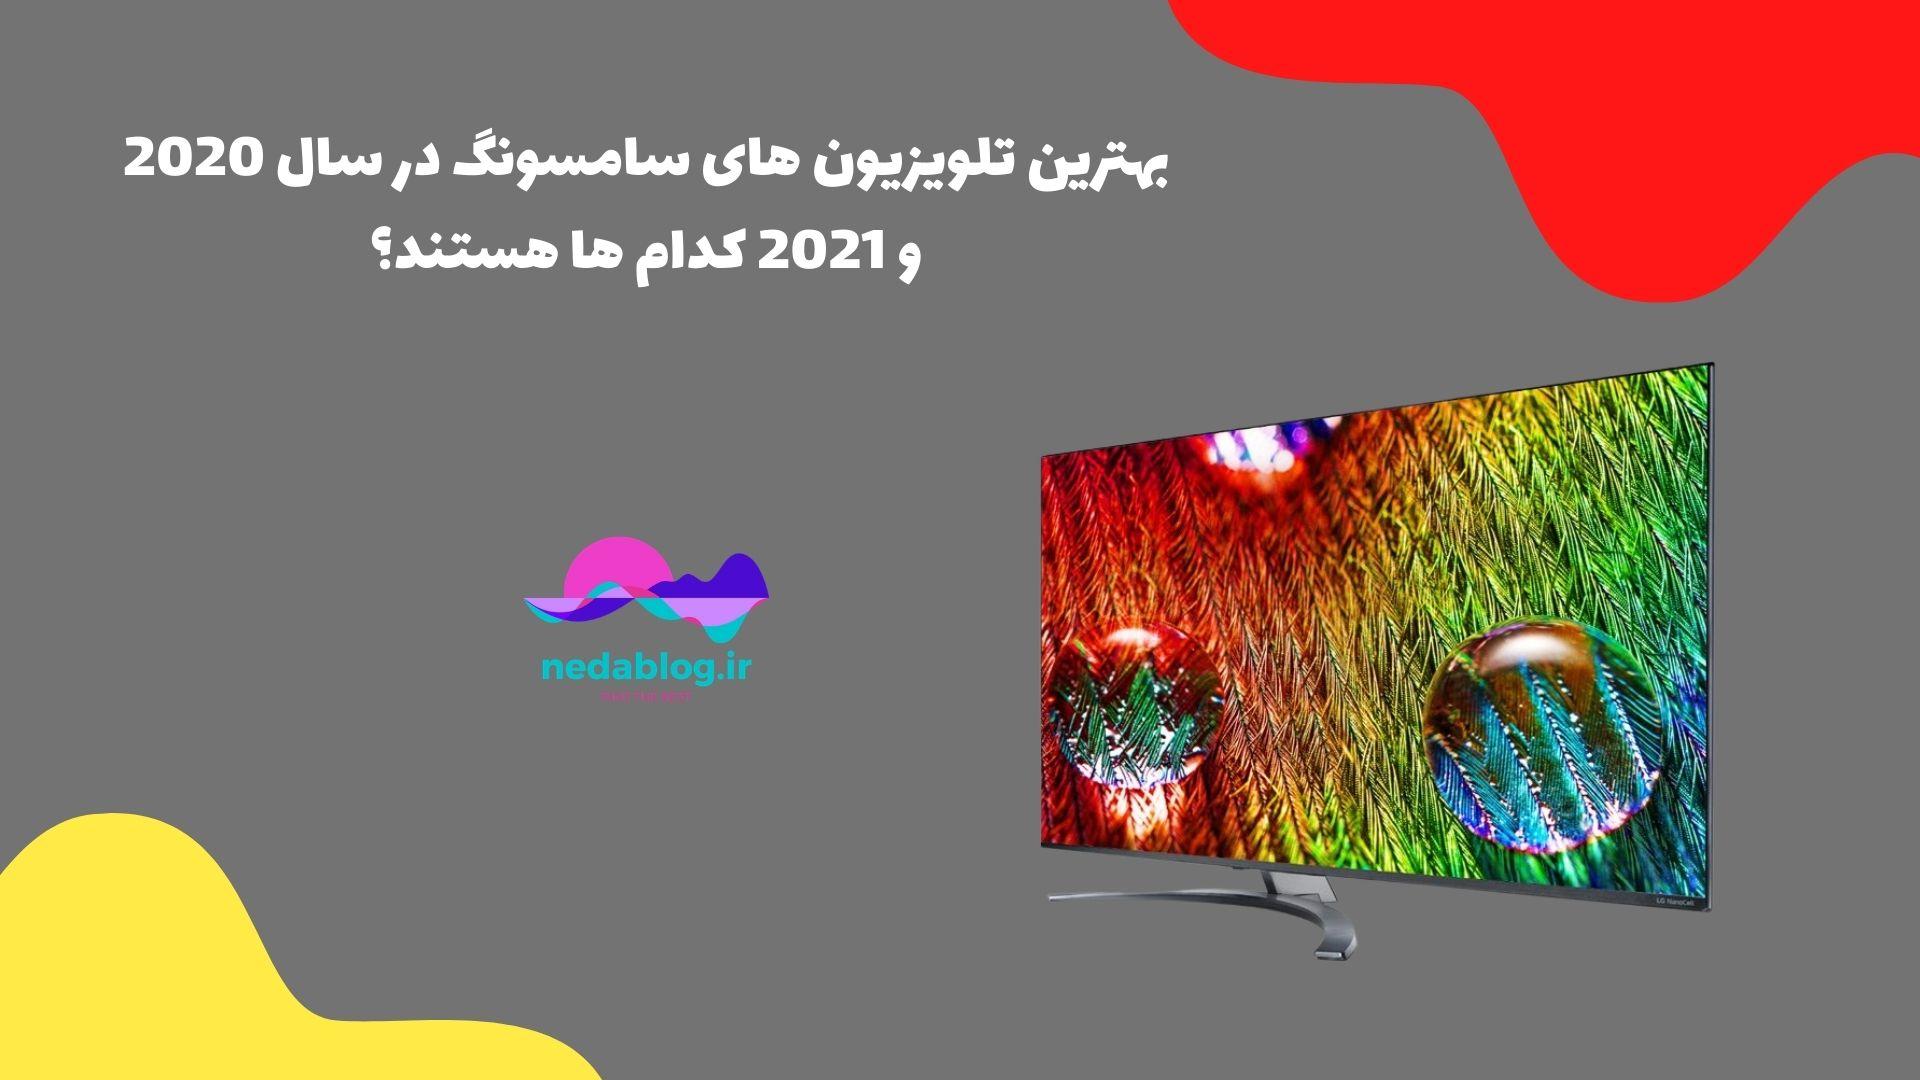 بهترین تلویزیون های سامسونگ در سال 2020 و 2021 کدام ها هستند؟